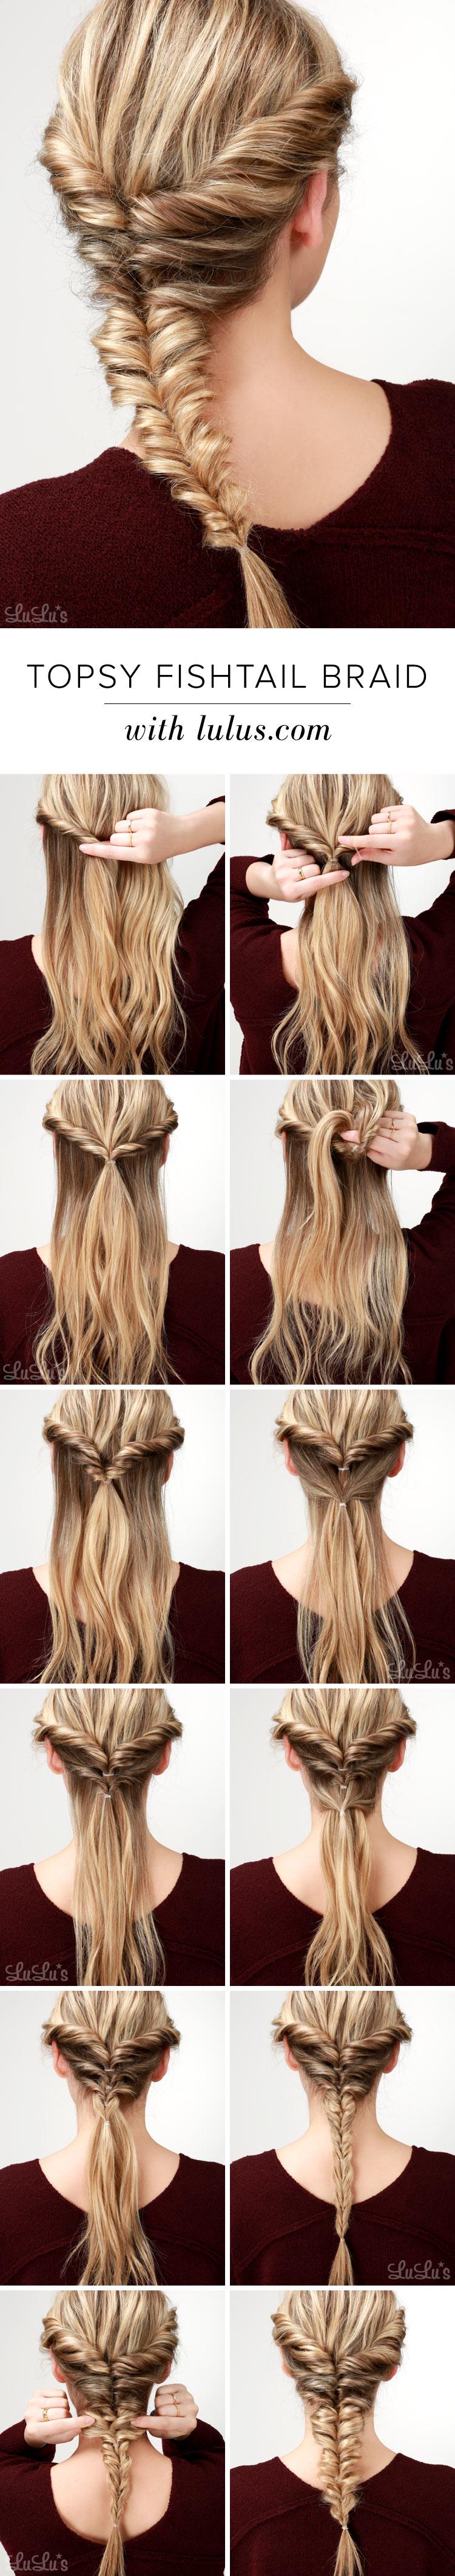 Lulus How To Topsy Fishtail Braid Tutorial   Lulus.com Fashion Blog